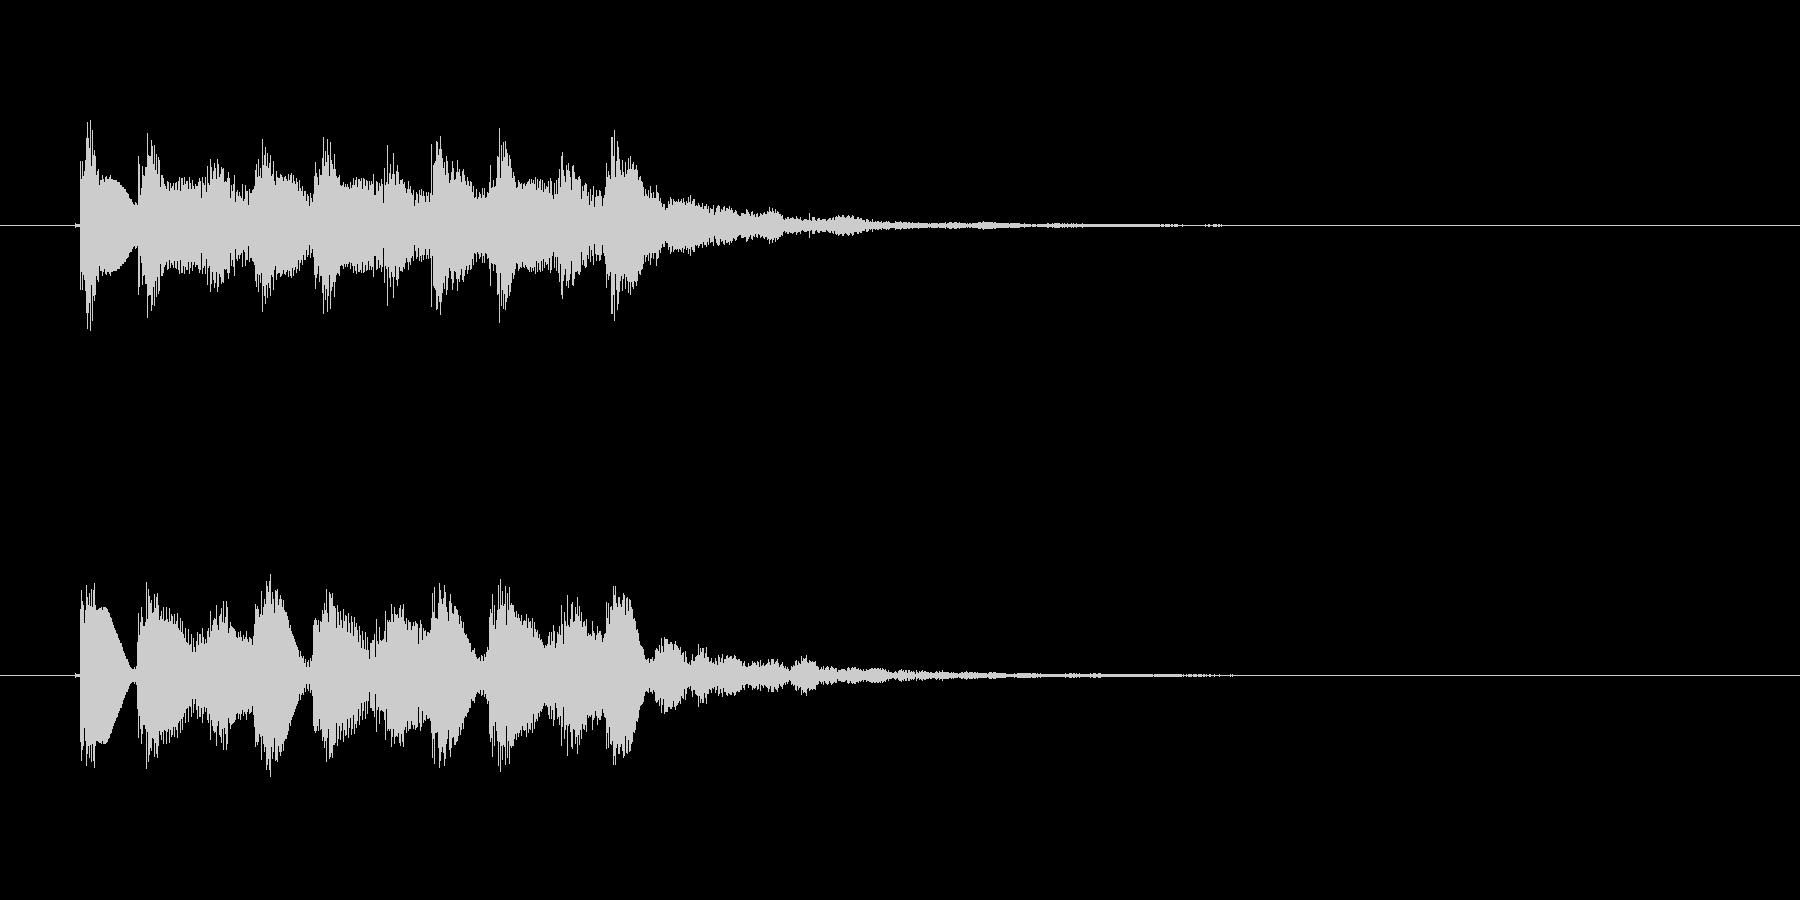 フォンファン(透明感のある音、起動音)の未再生の波形